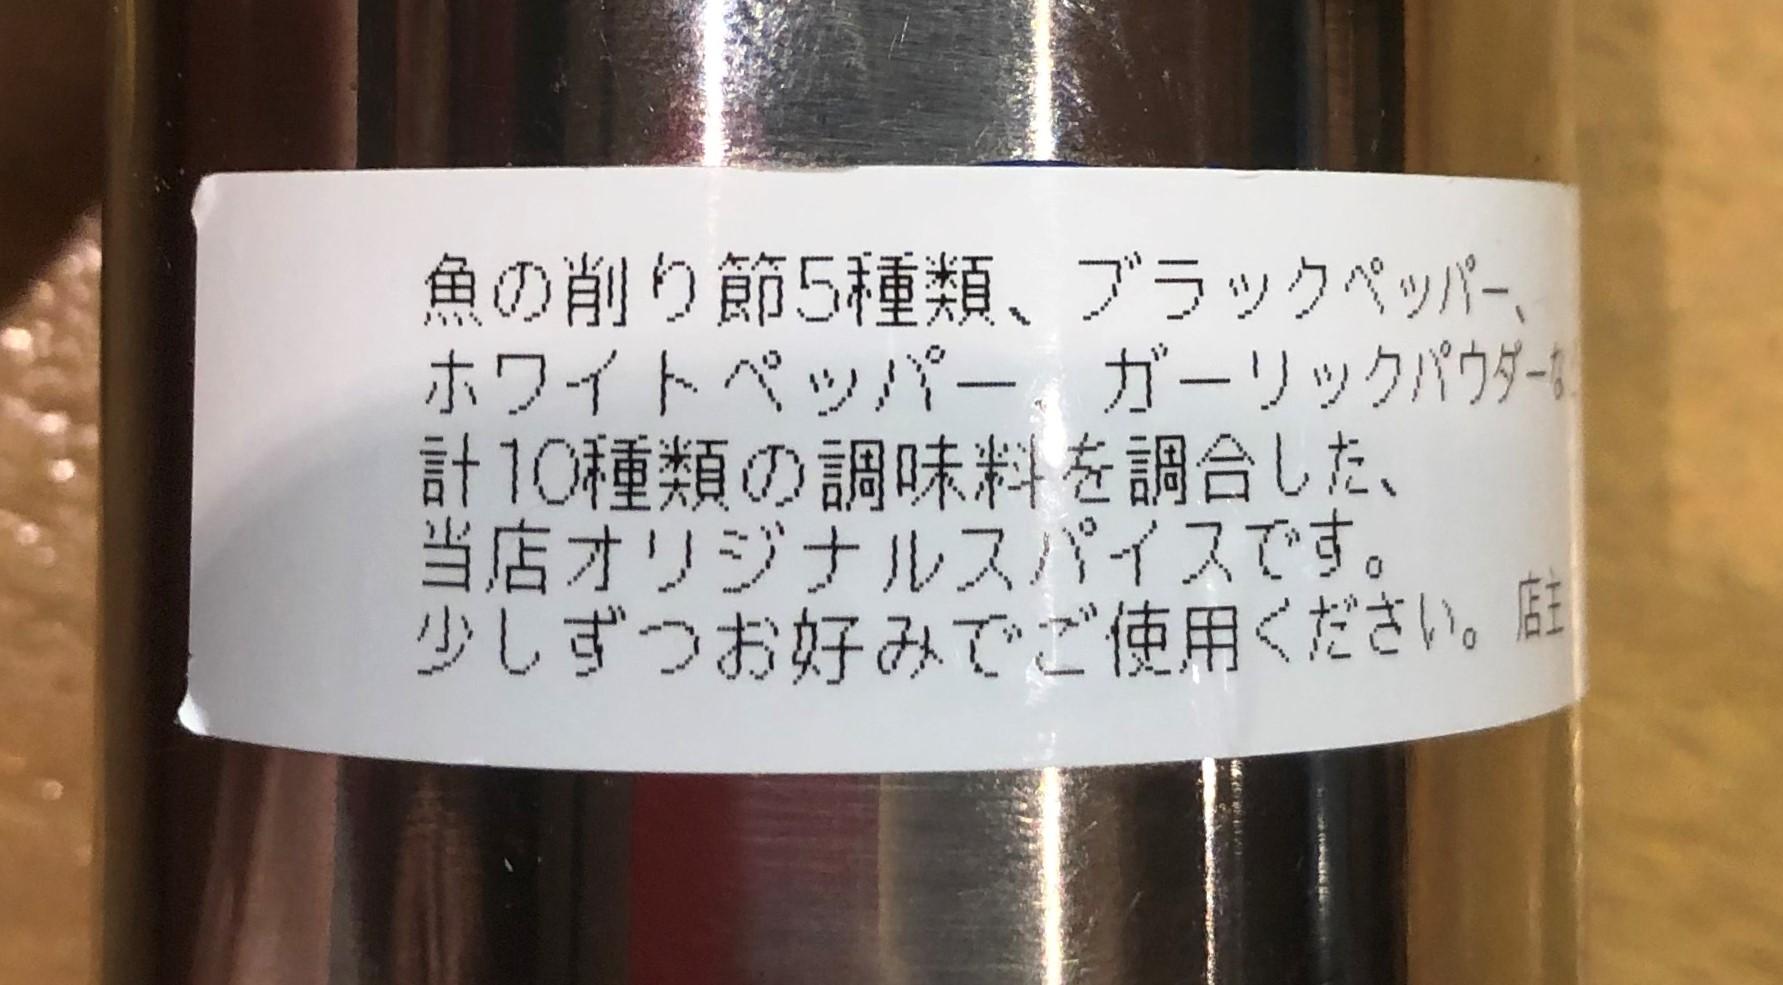 缶の貼り紙